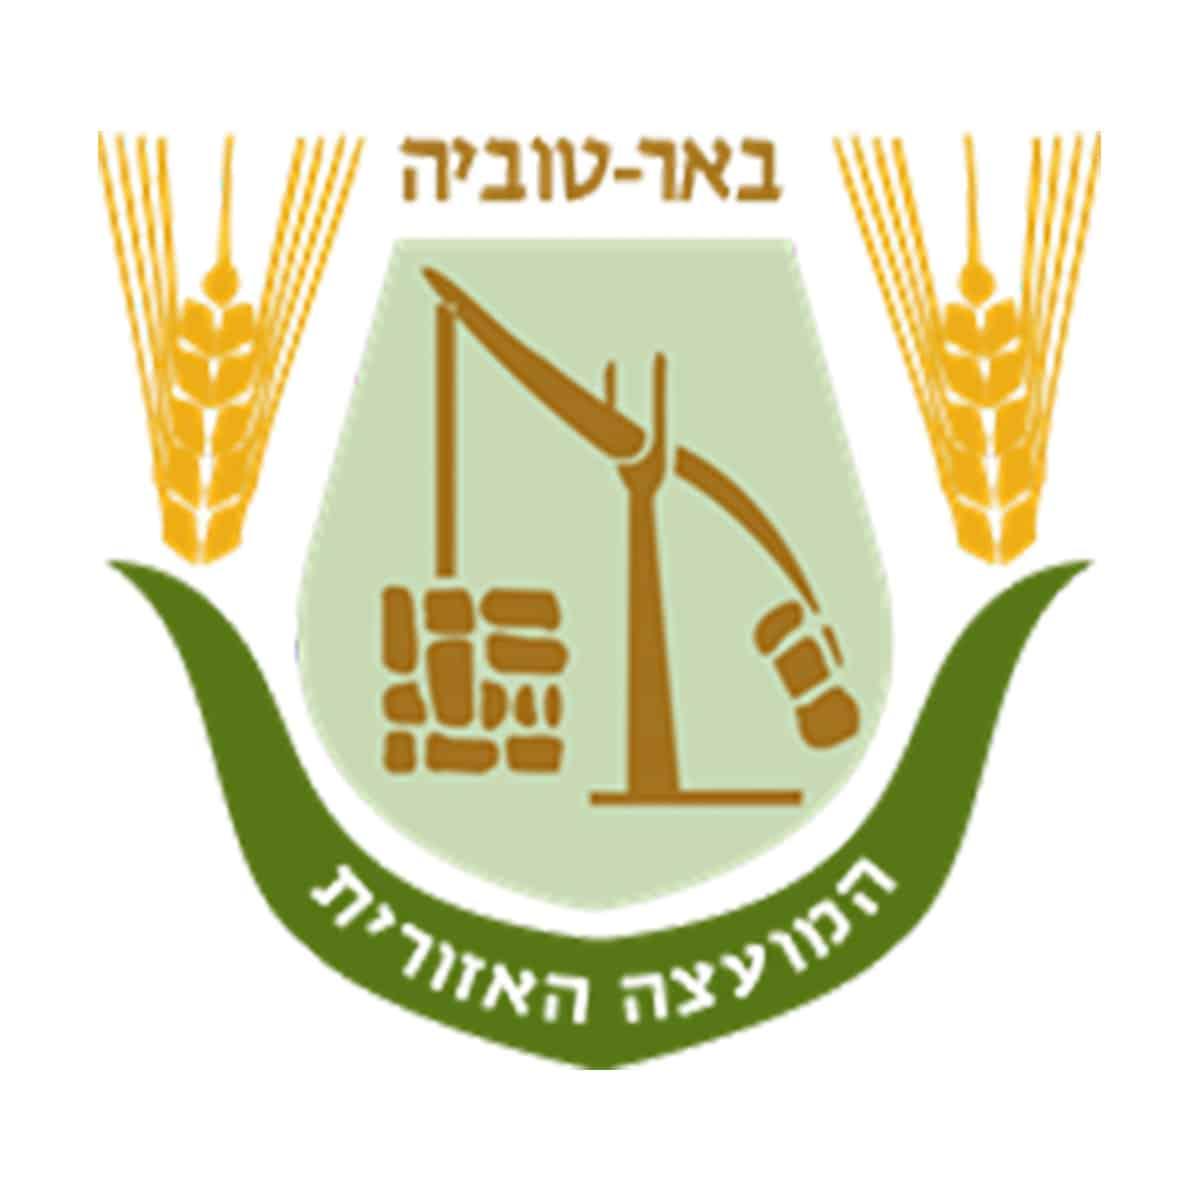 הוועדה לתכנון ובניה באר טוביה